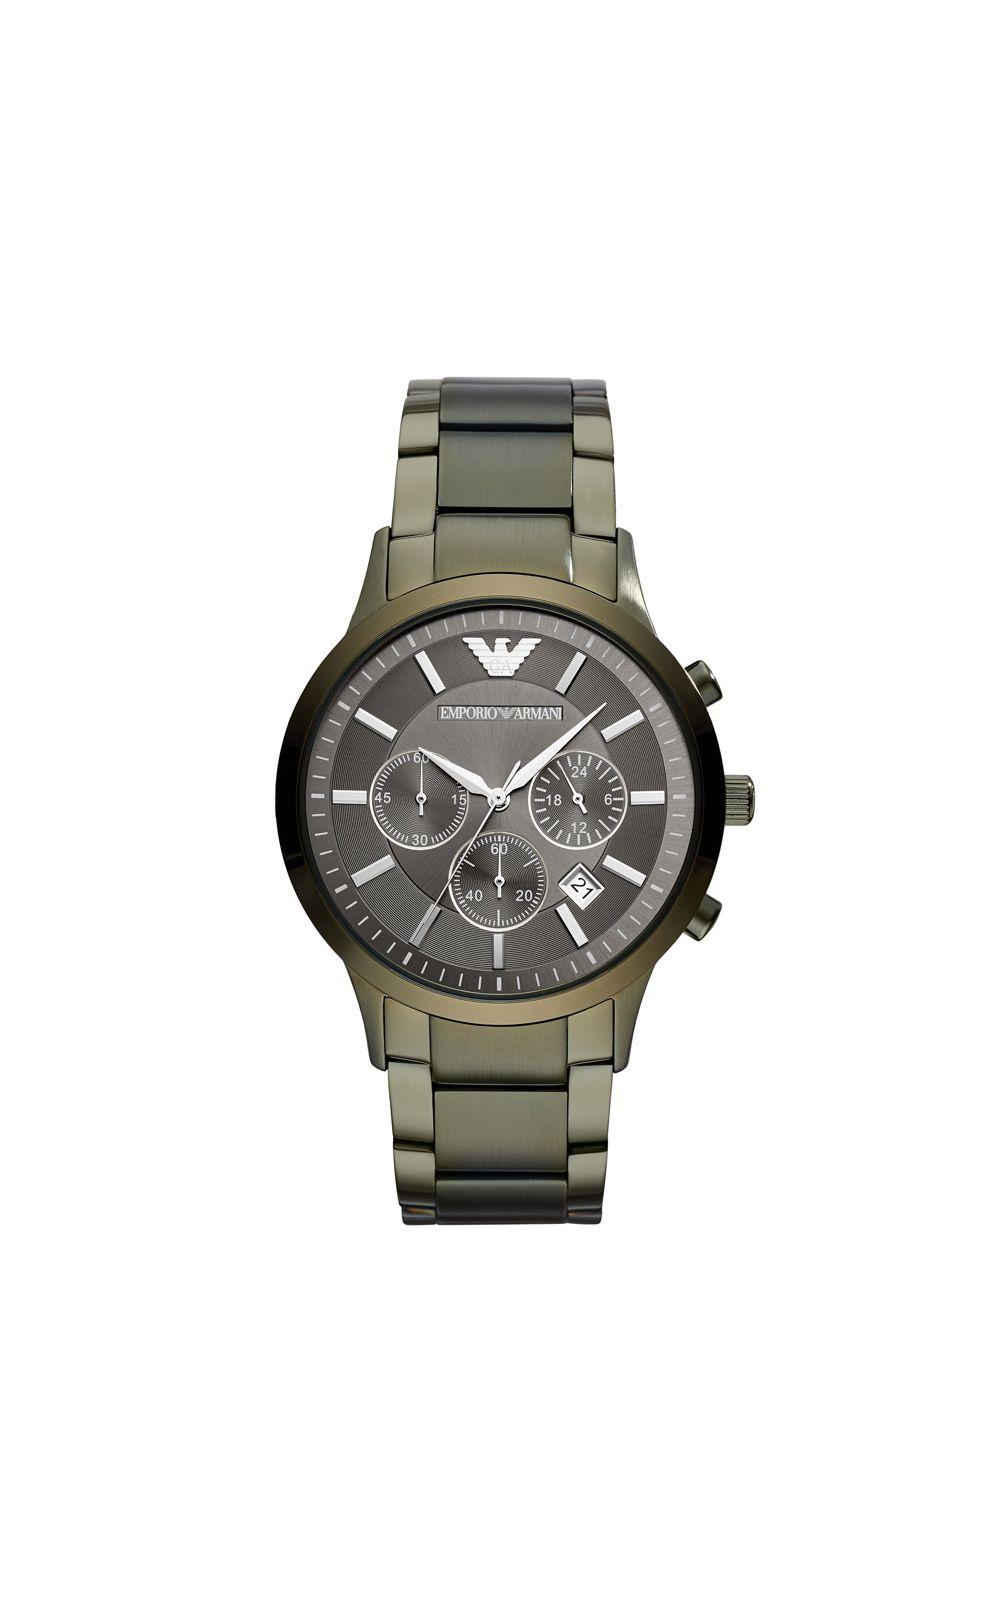 092e58f5293 Relógio Empório Armani Masculino Classic Renato Verde Militar -  AR11117 1VN. undefined